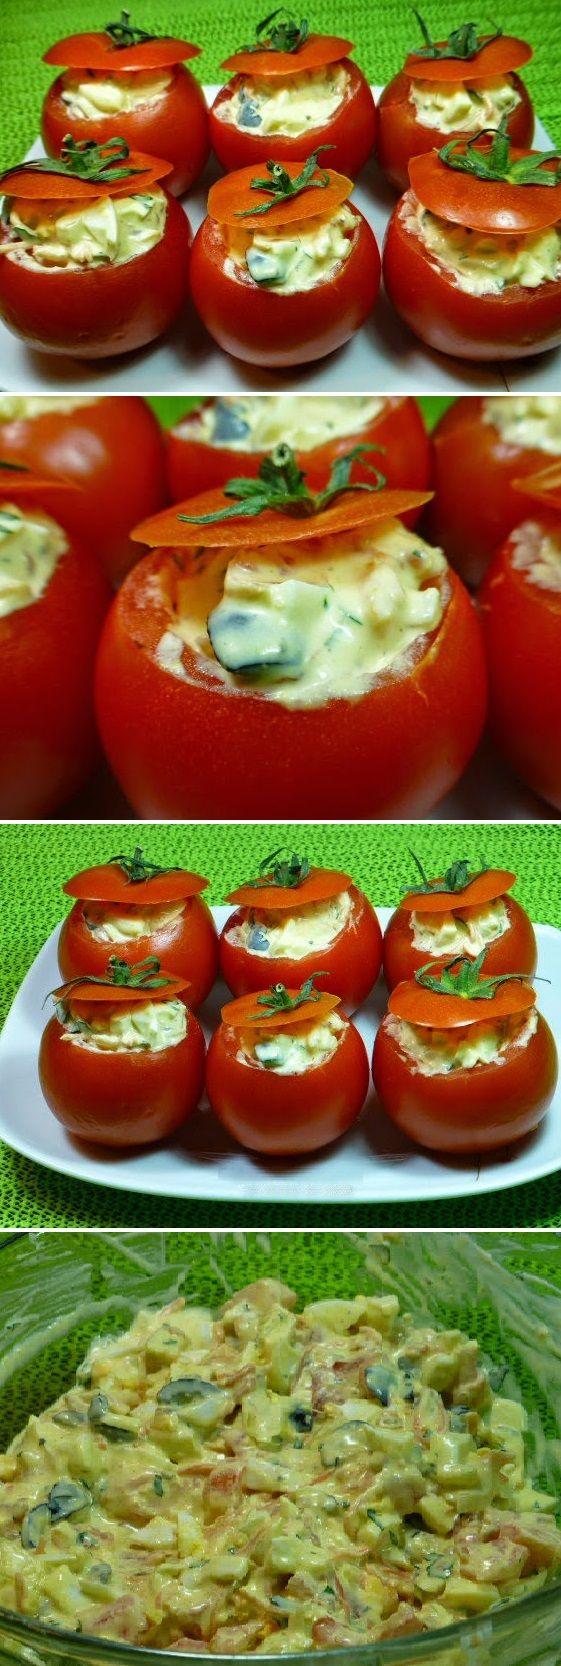 Cómo Hacer Tomates rellenos. #tomate #rellenos #tomates #ensaladas #salud #saludable #salad #receta #recipe #tasty #food Si te gusta dinos HOLA y dale a Me Gusta MIREN…